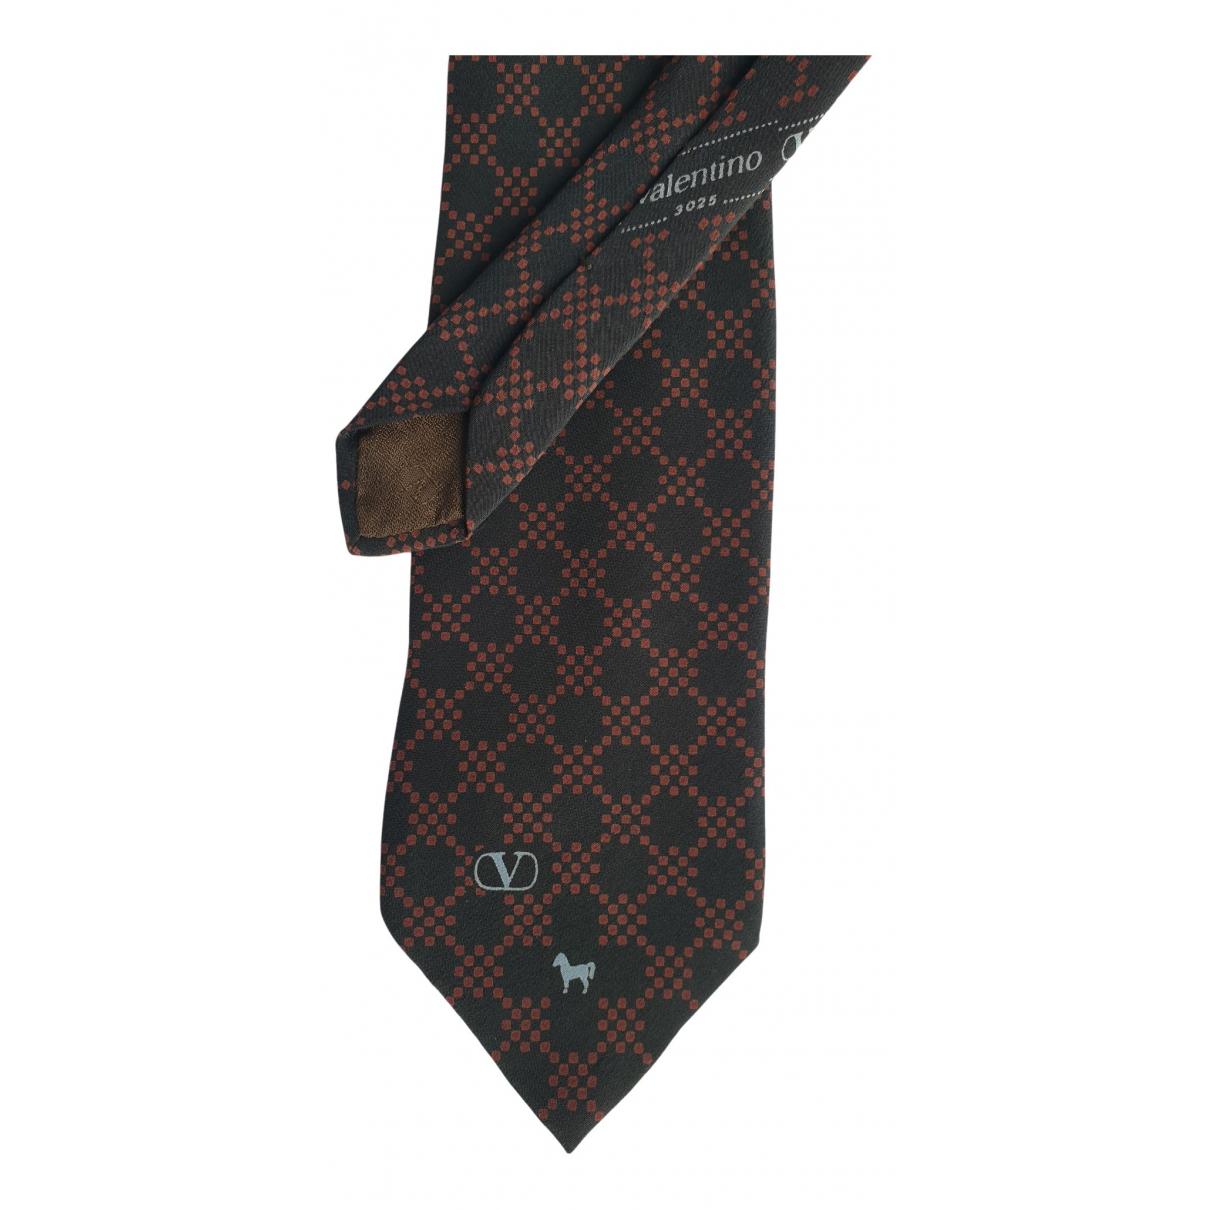 Valentino Garavani - Cravates   pour homme en soie - marron